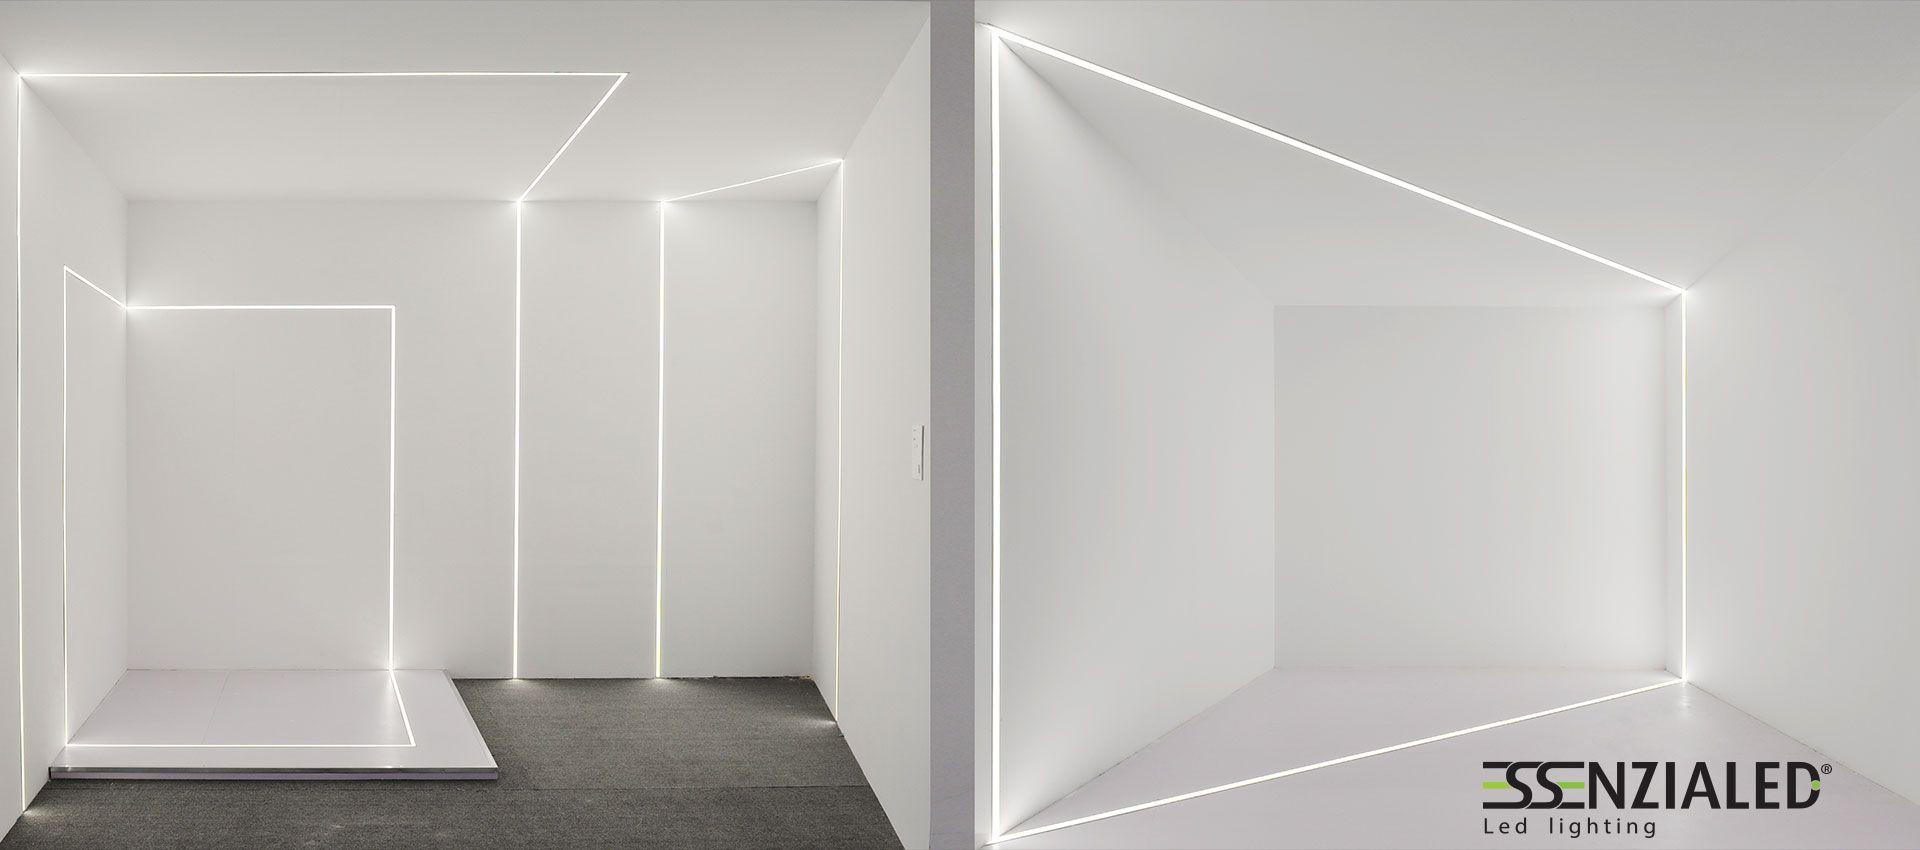 ... di luce cartongesso a Led su misuraEssenzialed – Illuminazione a led